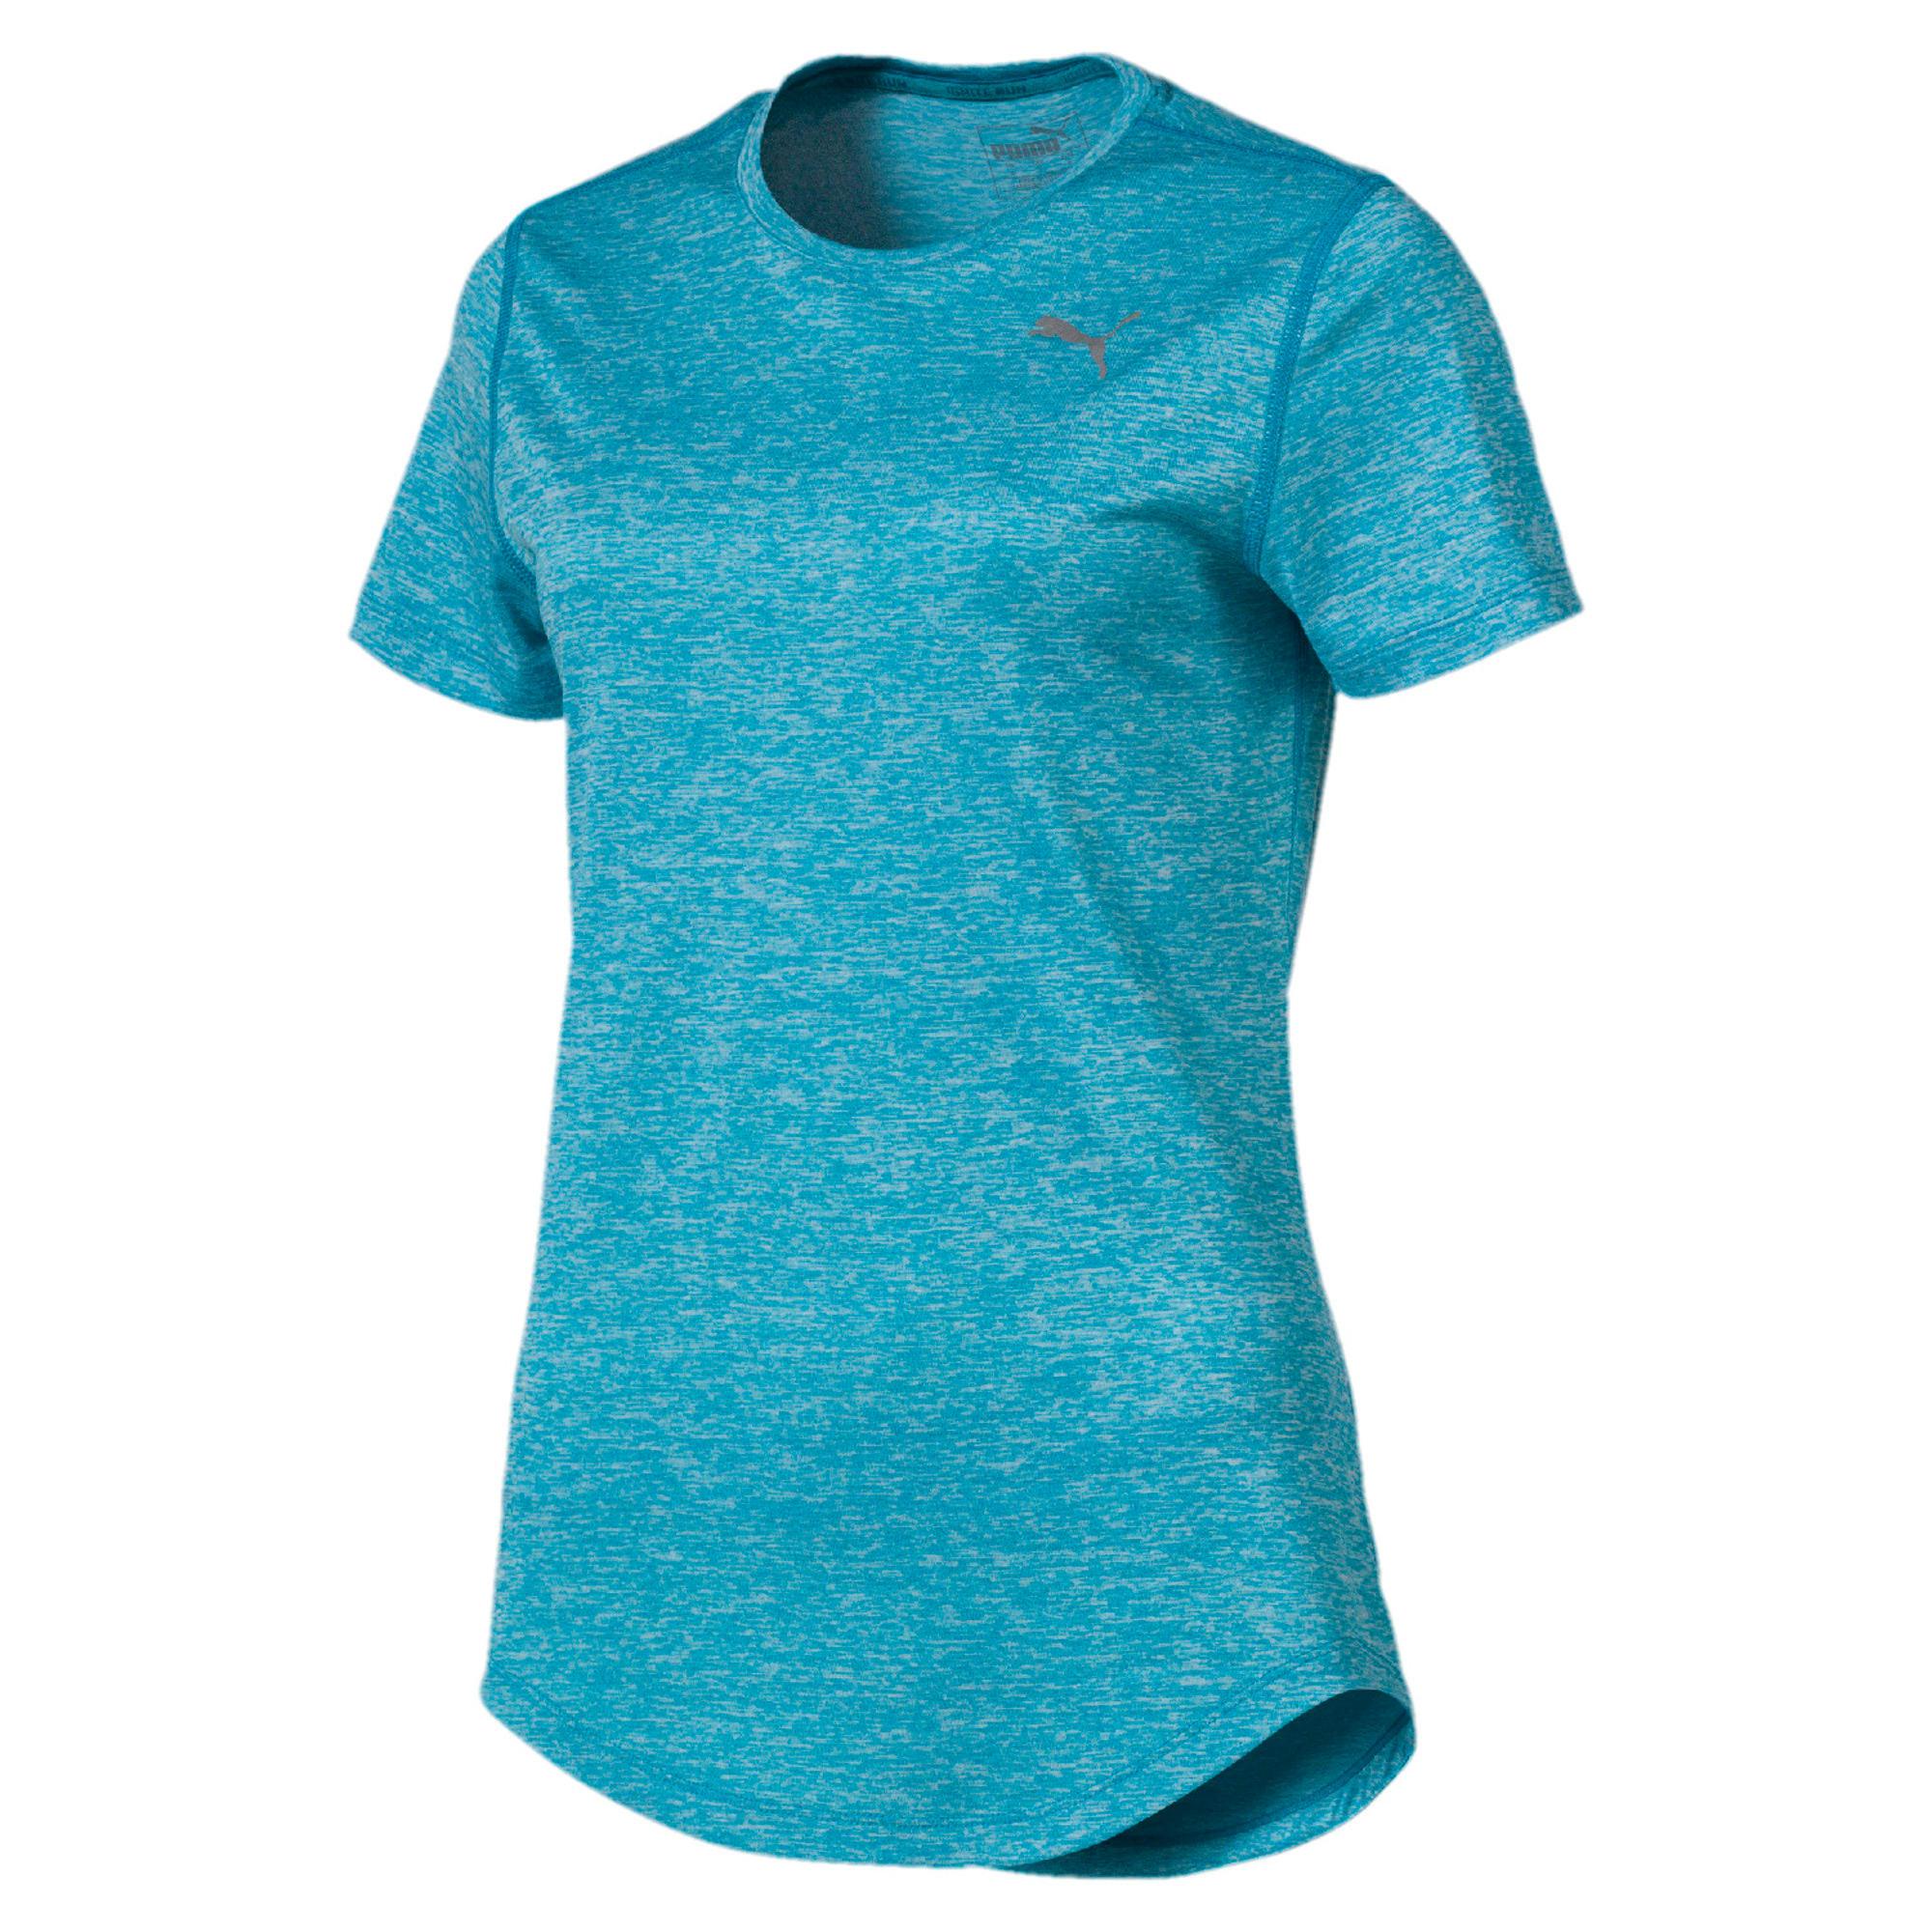 Thumbnail 4 of Epic Heather Short Sleeve Women's Running Tee, Caribbean Sea Heather, medium-IND